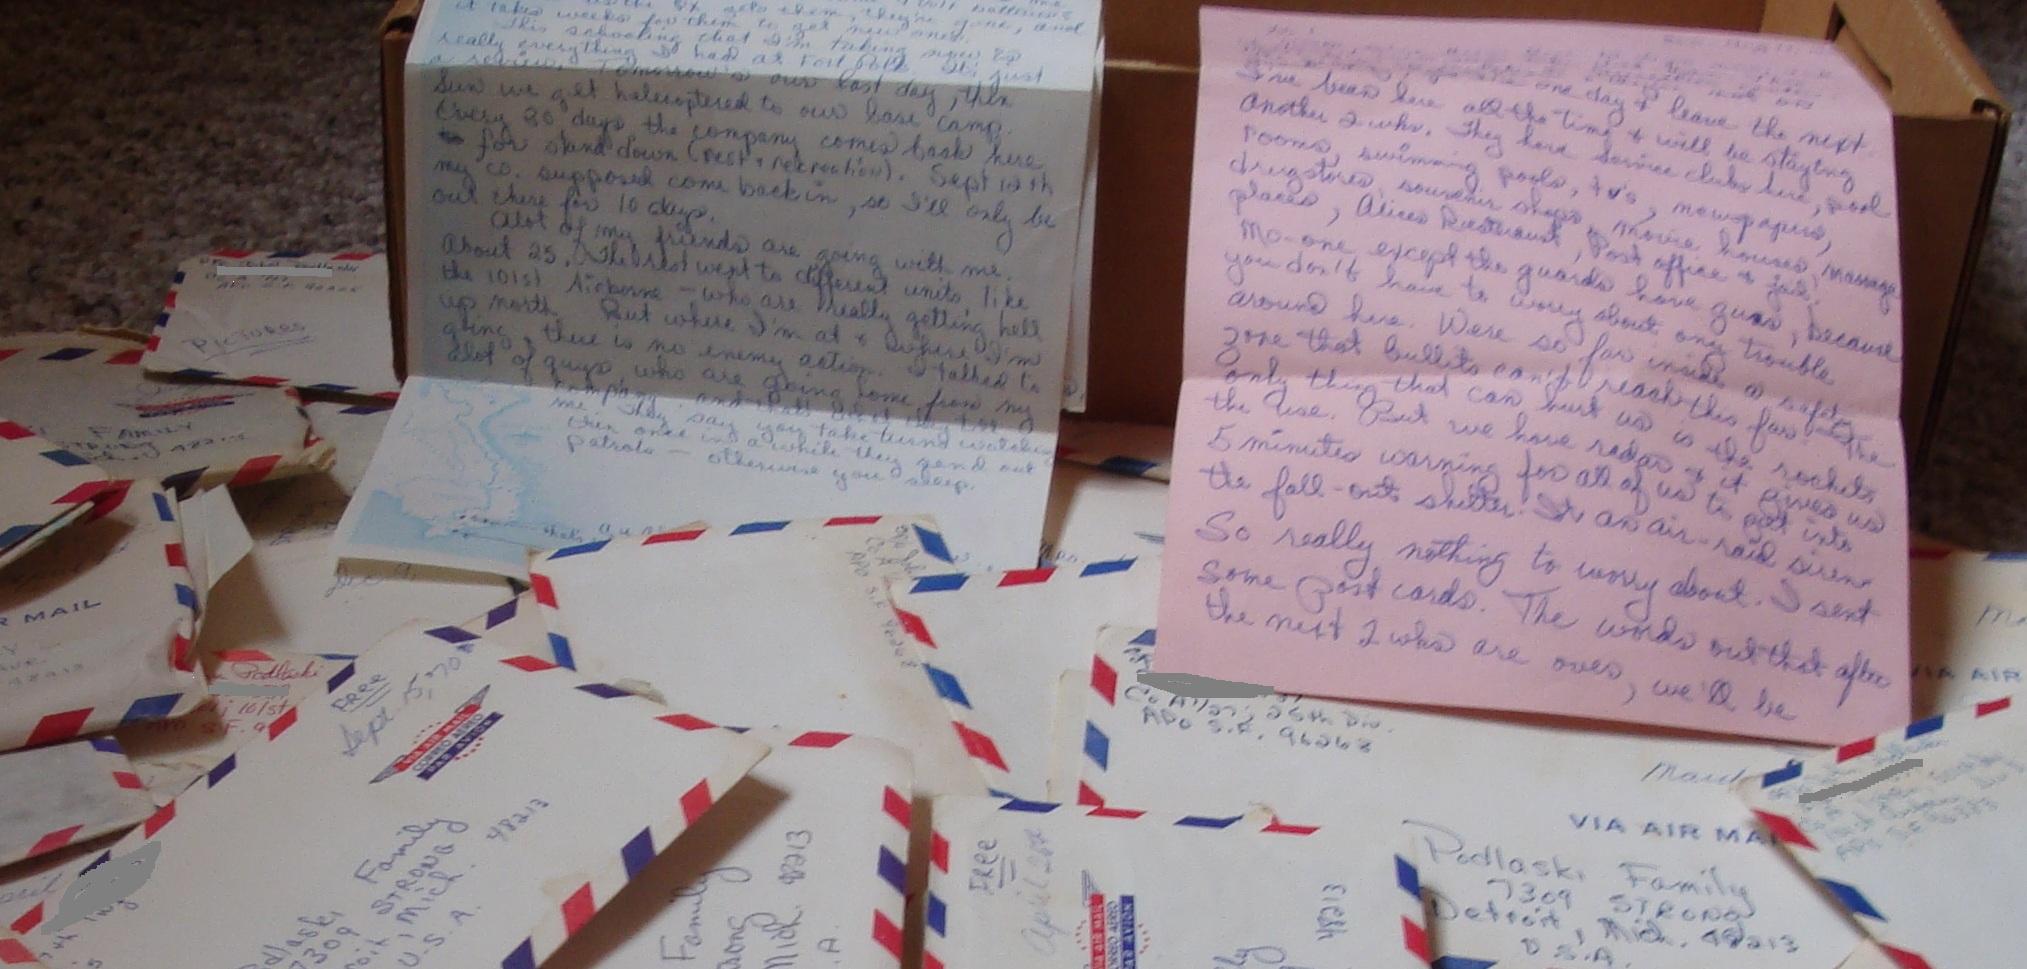 Mail Call in Vietnam – Dear John… – Cherries – A Vietnam War Novel